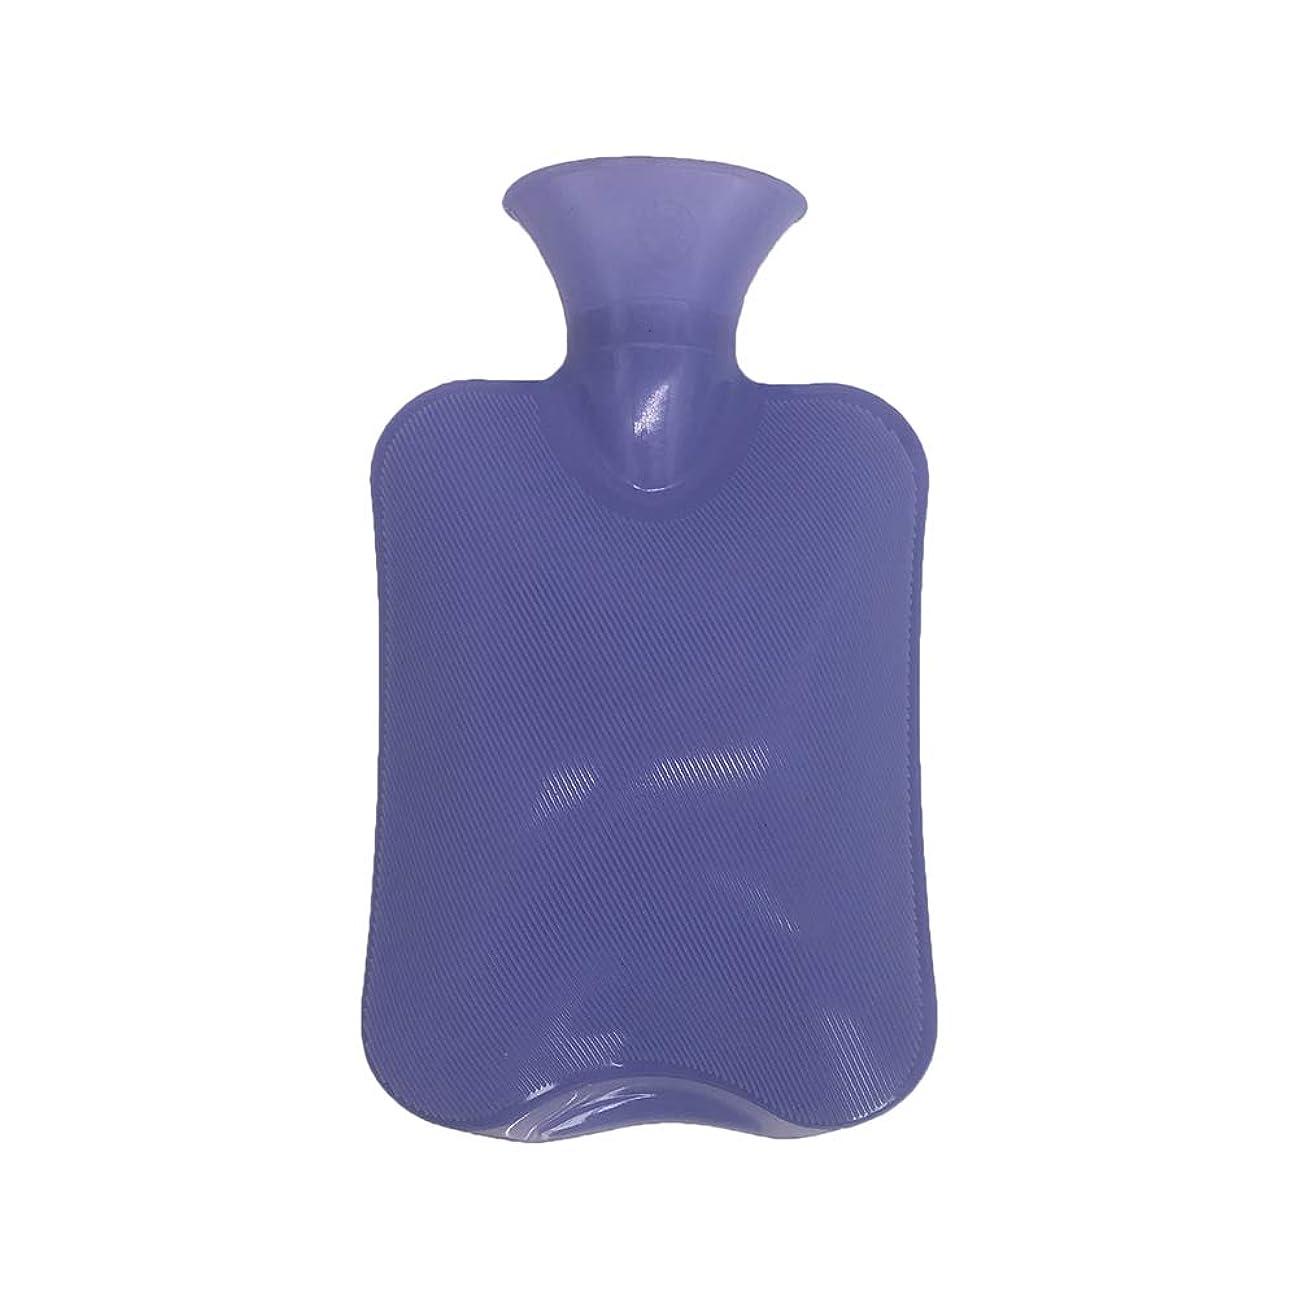 合併症一瞬突き刺すWholehot 1000ml 湯たんぽ 注水式ユタンポ ニット PVC製 温水バッグ ホットウォーターボトル 腹/ウエスト/肩/手/体 冷え性 生理痛 腰痛などに対策 溢れ防止 くり返し使用可能 安全安心